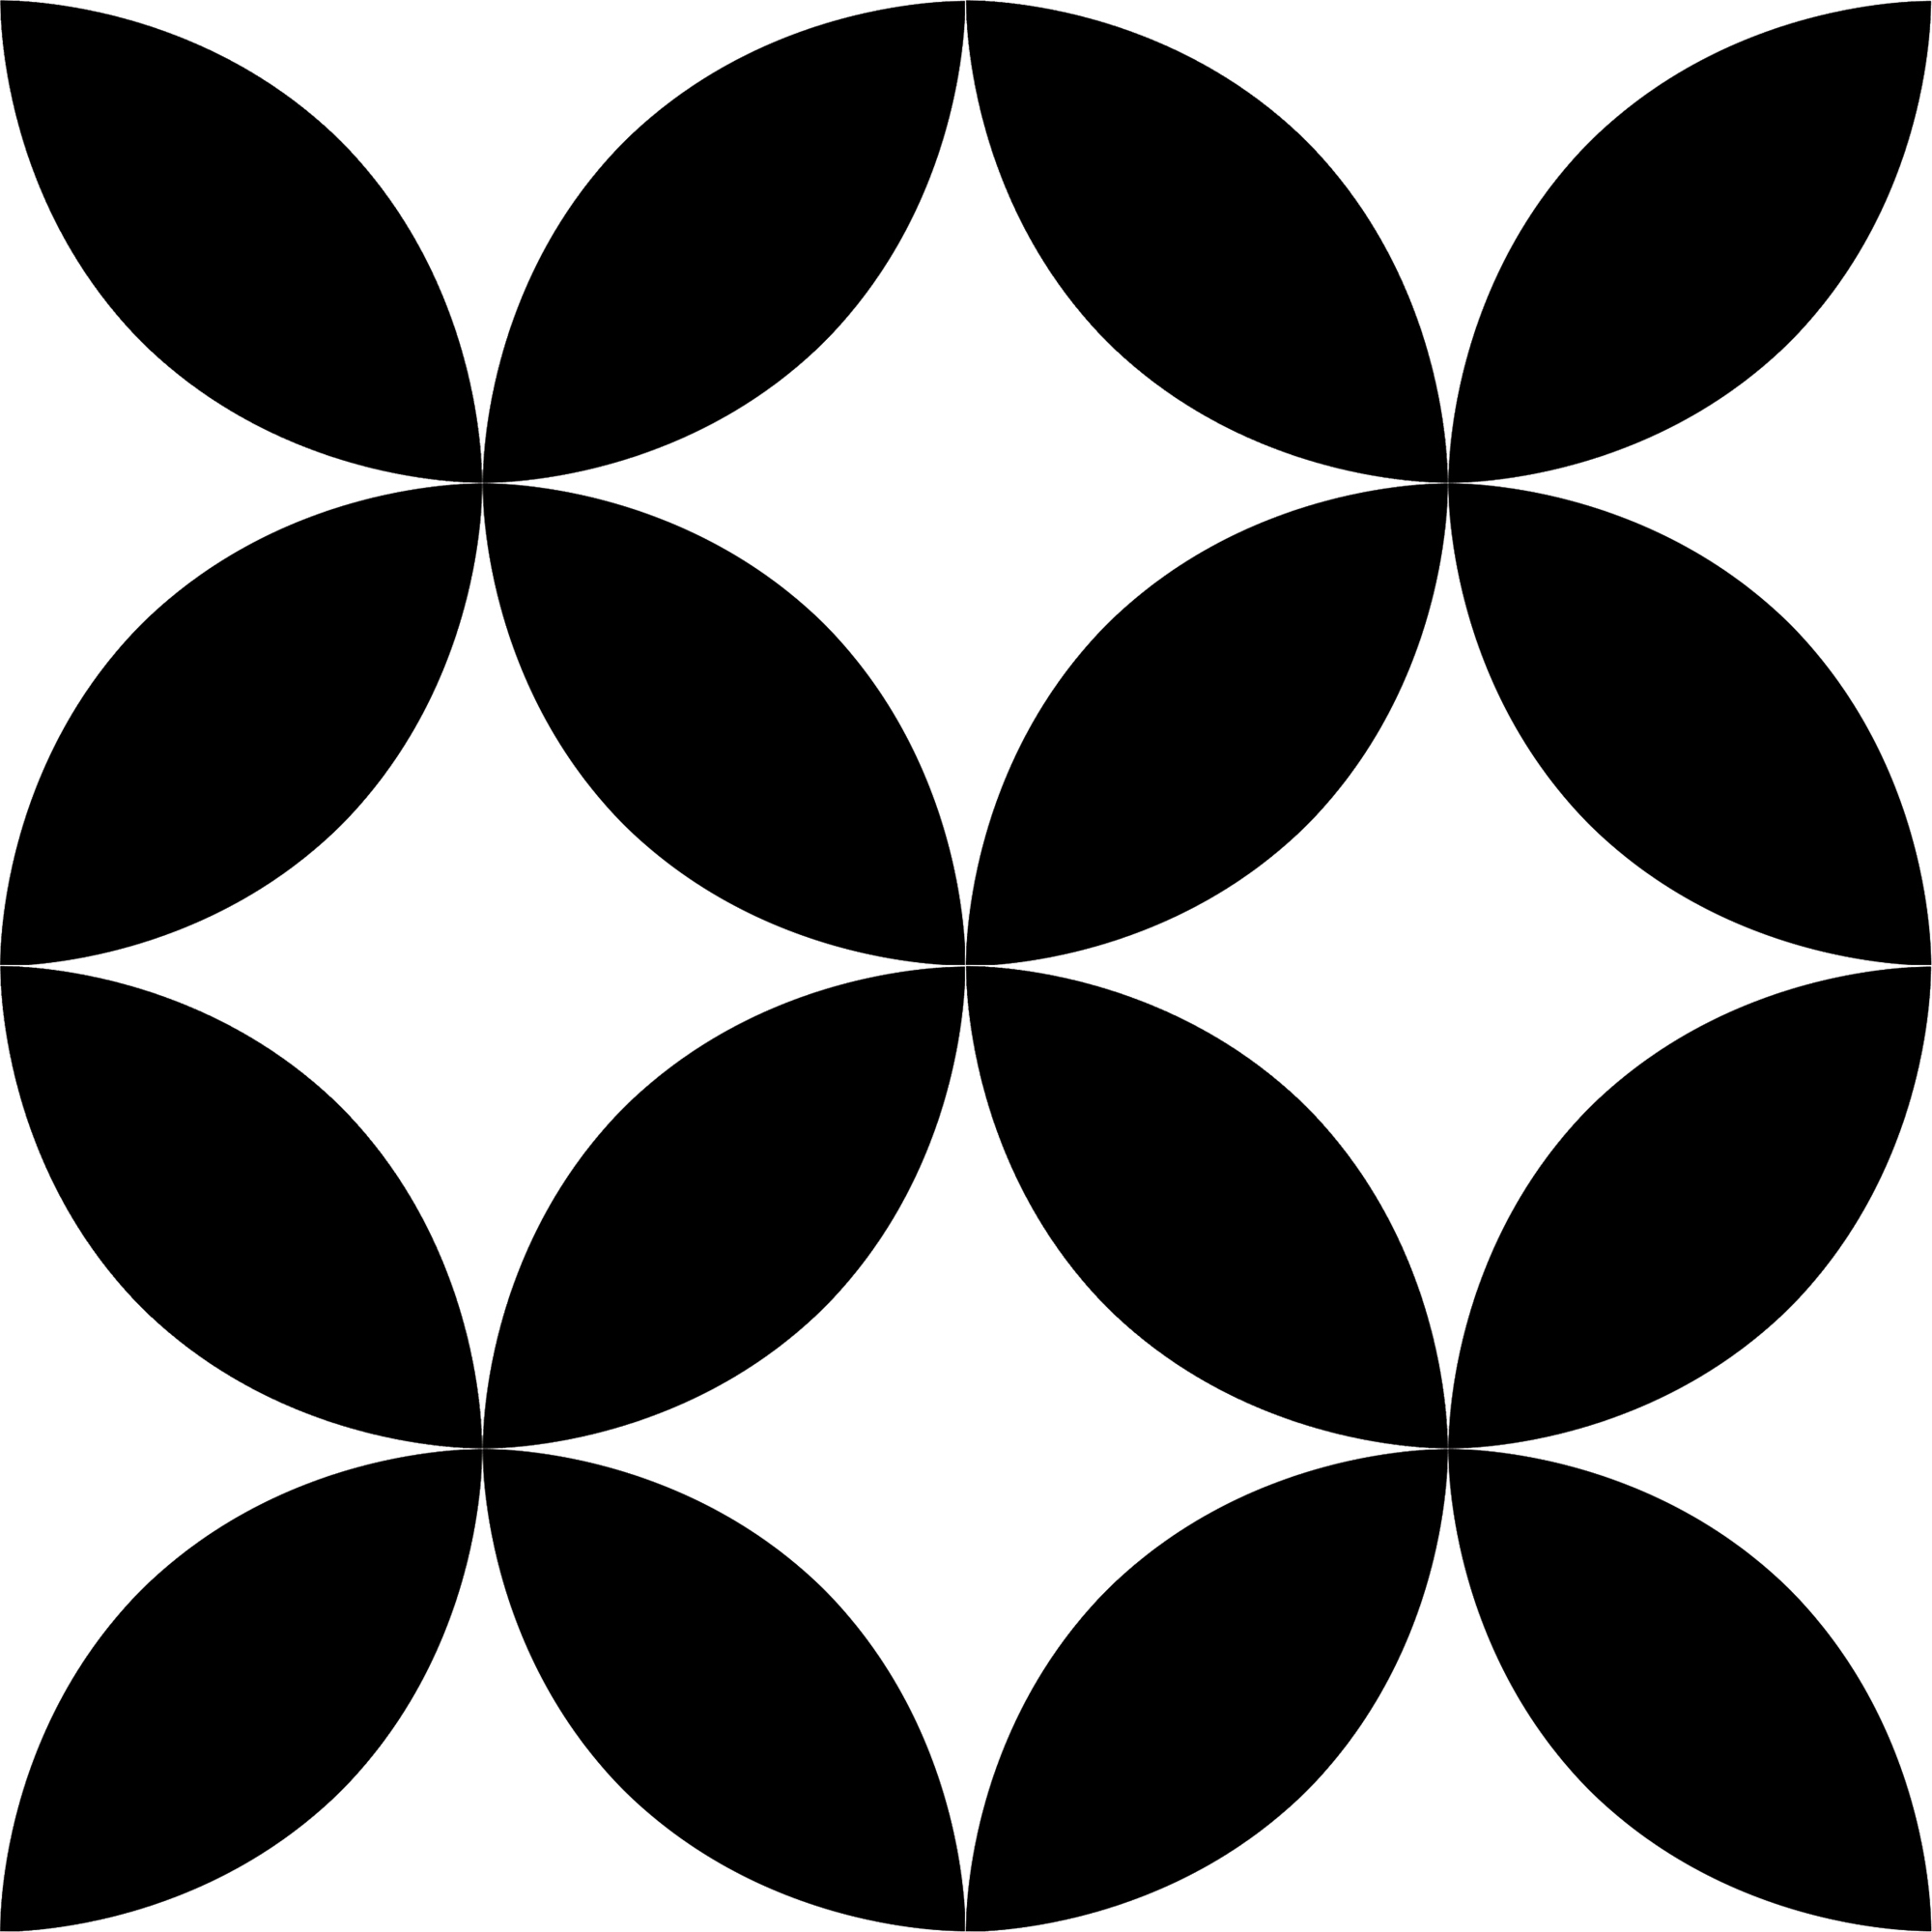 K94845200001VTE0, Retromix, Valkoinen, lattia,pakkasenkesto,uimahalli